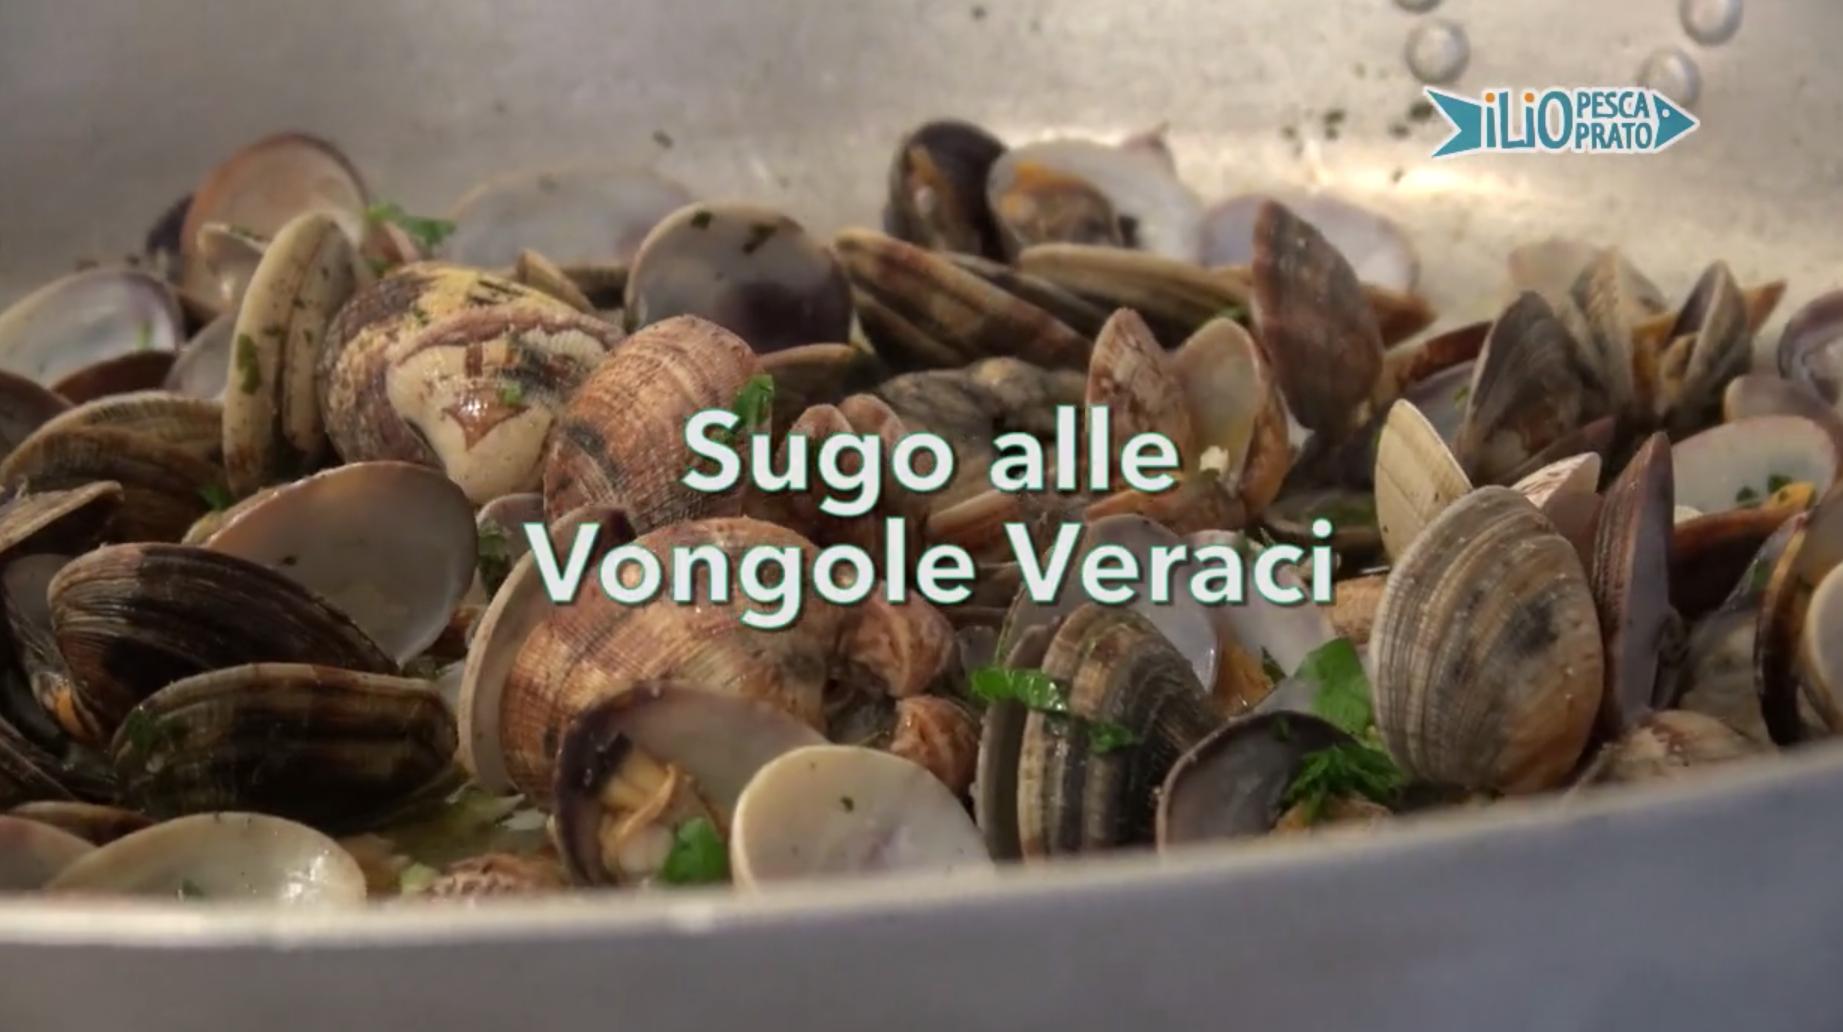 Sugo alle Vongole Veraci, le video ricette di Marblu